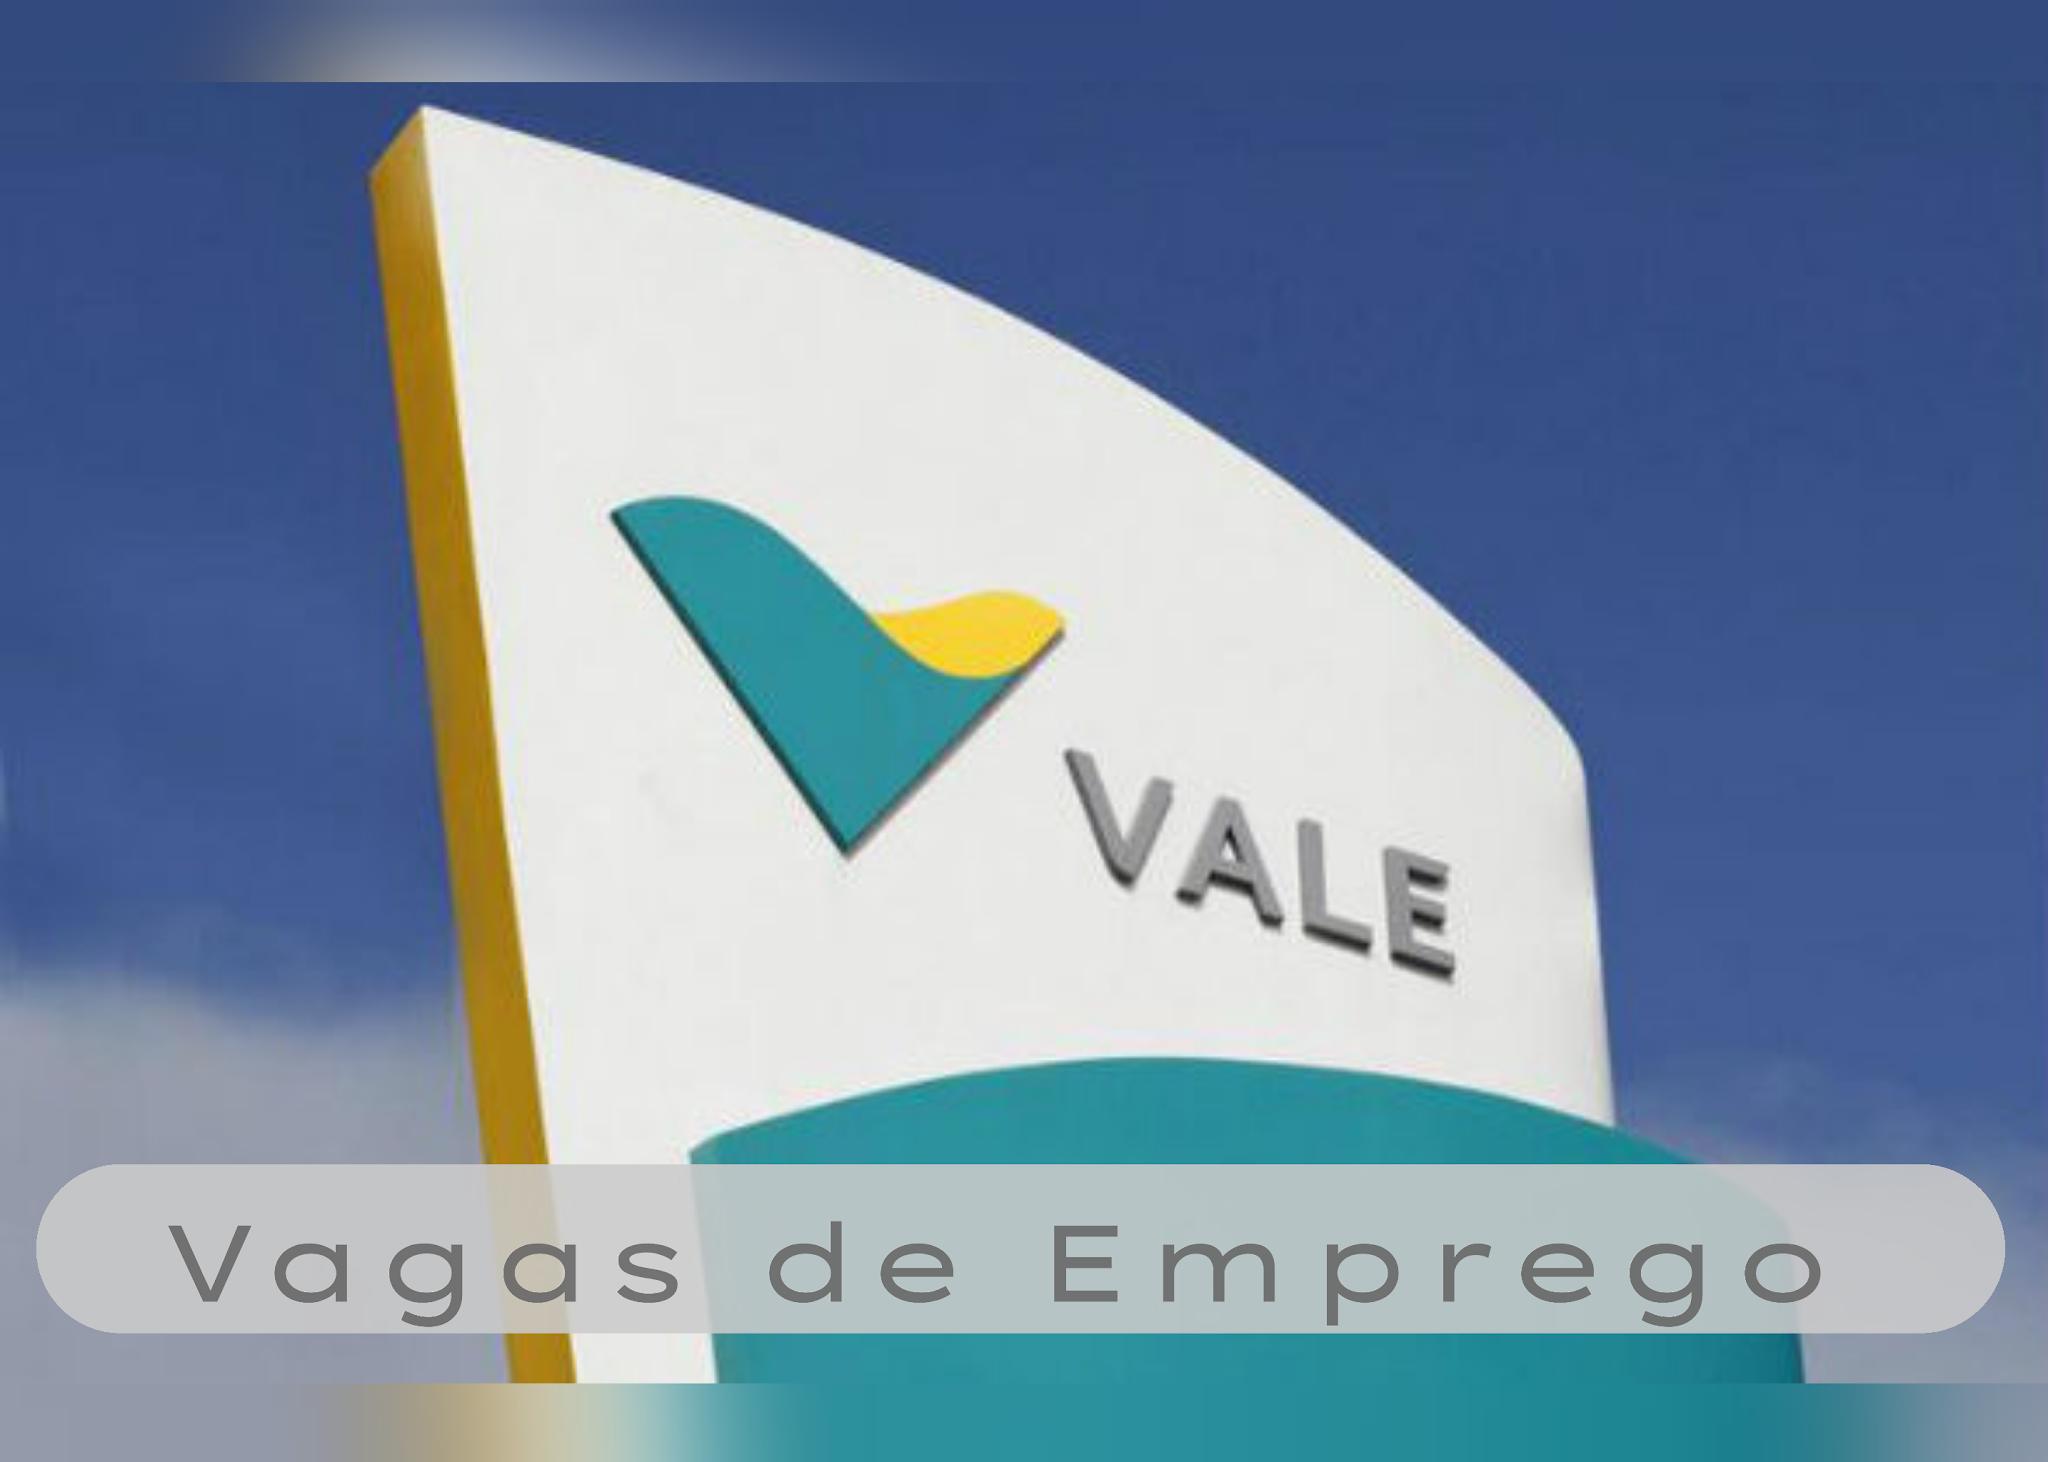 A Mineradora Vale abre varias vagas de empregos para diversas áreas. A Vale é a segunda maior mineradora do mundo. Com sede no Brasil e atuação em cerca de 30 países, a empresa emprega aproximadamente 200 mil pessoas, entre profissionais próprios e terceirizados.  A empresa é a maior produtora mundial de minério de ferro e a segunda maior produtora de níquel. A empresa produz cobre, carvão, manganês, ferro-ligas, fertilizantes, cobalto e metais do grupo da platina. Atua também no setor de Logística, Siderurgia, Energia e Fertilizantes. São 54 Oportunidades disponíveis no site da empresa, para os seguintes municípios: Parauapebas, Canaã, Marabá. A Vale é a segunda maior mineradora do mundo. Com sede no Brasil e atuação em cerca de 30 países, a empresa emprega aproximadamente 200 mil pessoas, entre profissionais próprios e terceirizados.  A empresa é a maior produtora mundial de minério de ferro e a segunda maior produtora de níquel. A empresa produz cobre, carvão, manganês, ferro-ligas, fertilizantes, cobalto e metais do grupo da platina. Atua também no setor de Logística, Siderurgia, Energia e Fertilizantes.  CONFIRA AS VAGAS CLICANDO AQUI.  PUBLICIDADE PUBLICIDADE PARAUAPEBAS